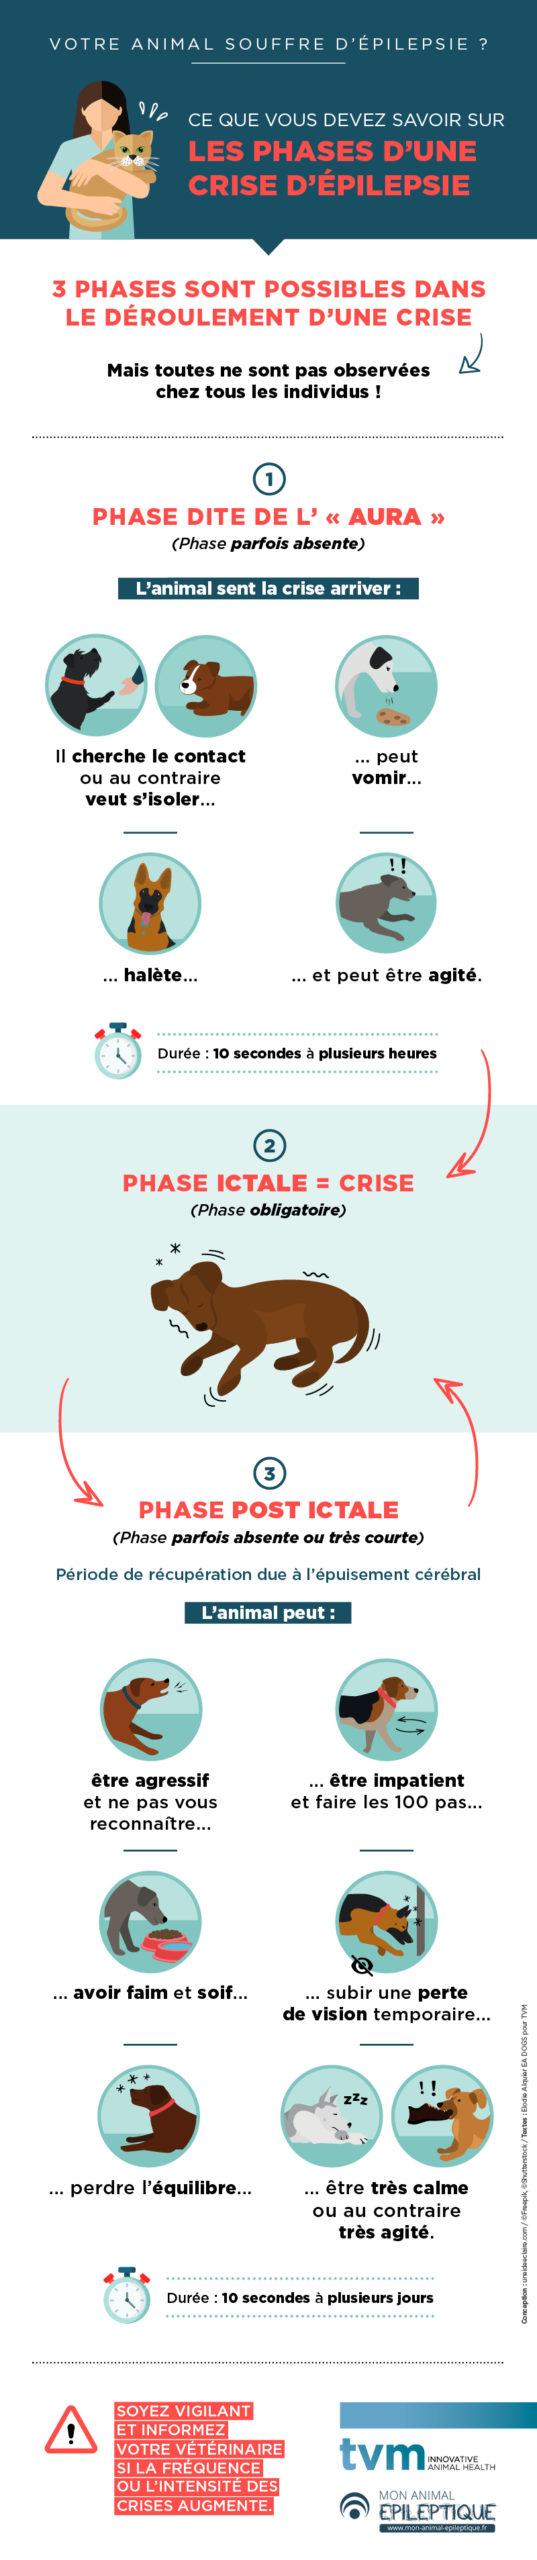 infographie sur les différentes phases d'une crise d'épilepsie : phase d'aura, phase ictale, phase post-ictale